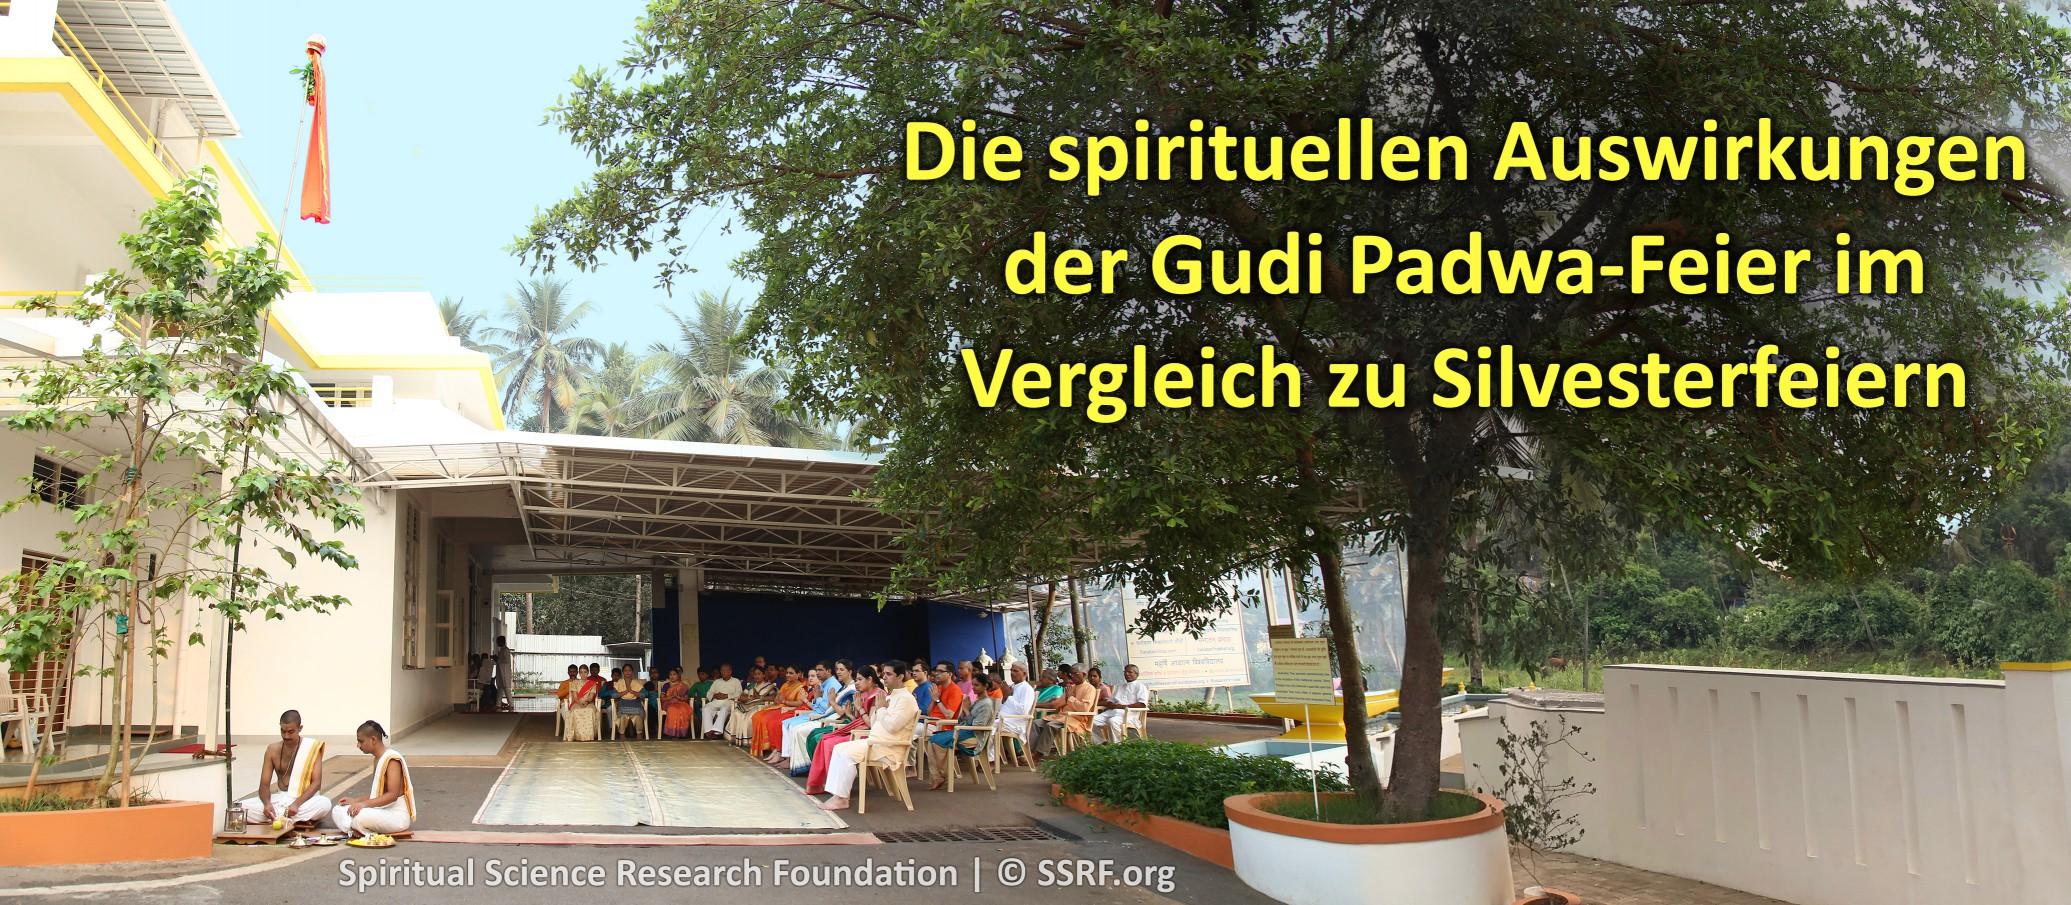 Die spirituellen Auswirkungen der Gudi Padwa-Feier im Vergleich zu Silvesterfeiern